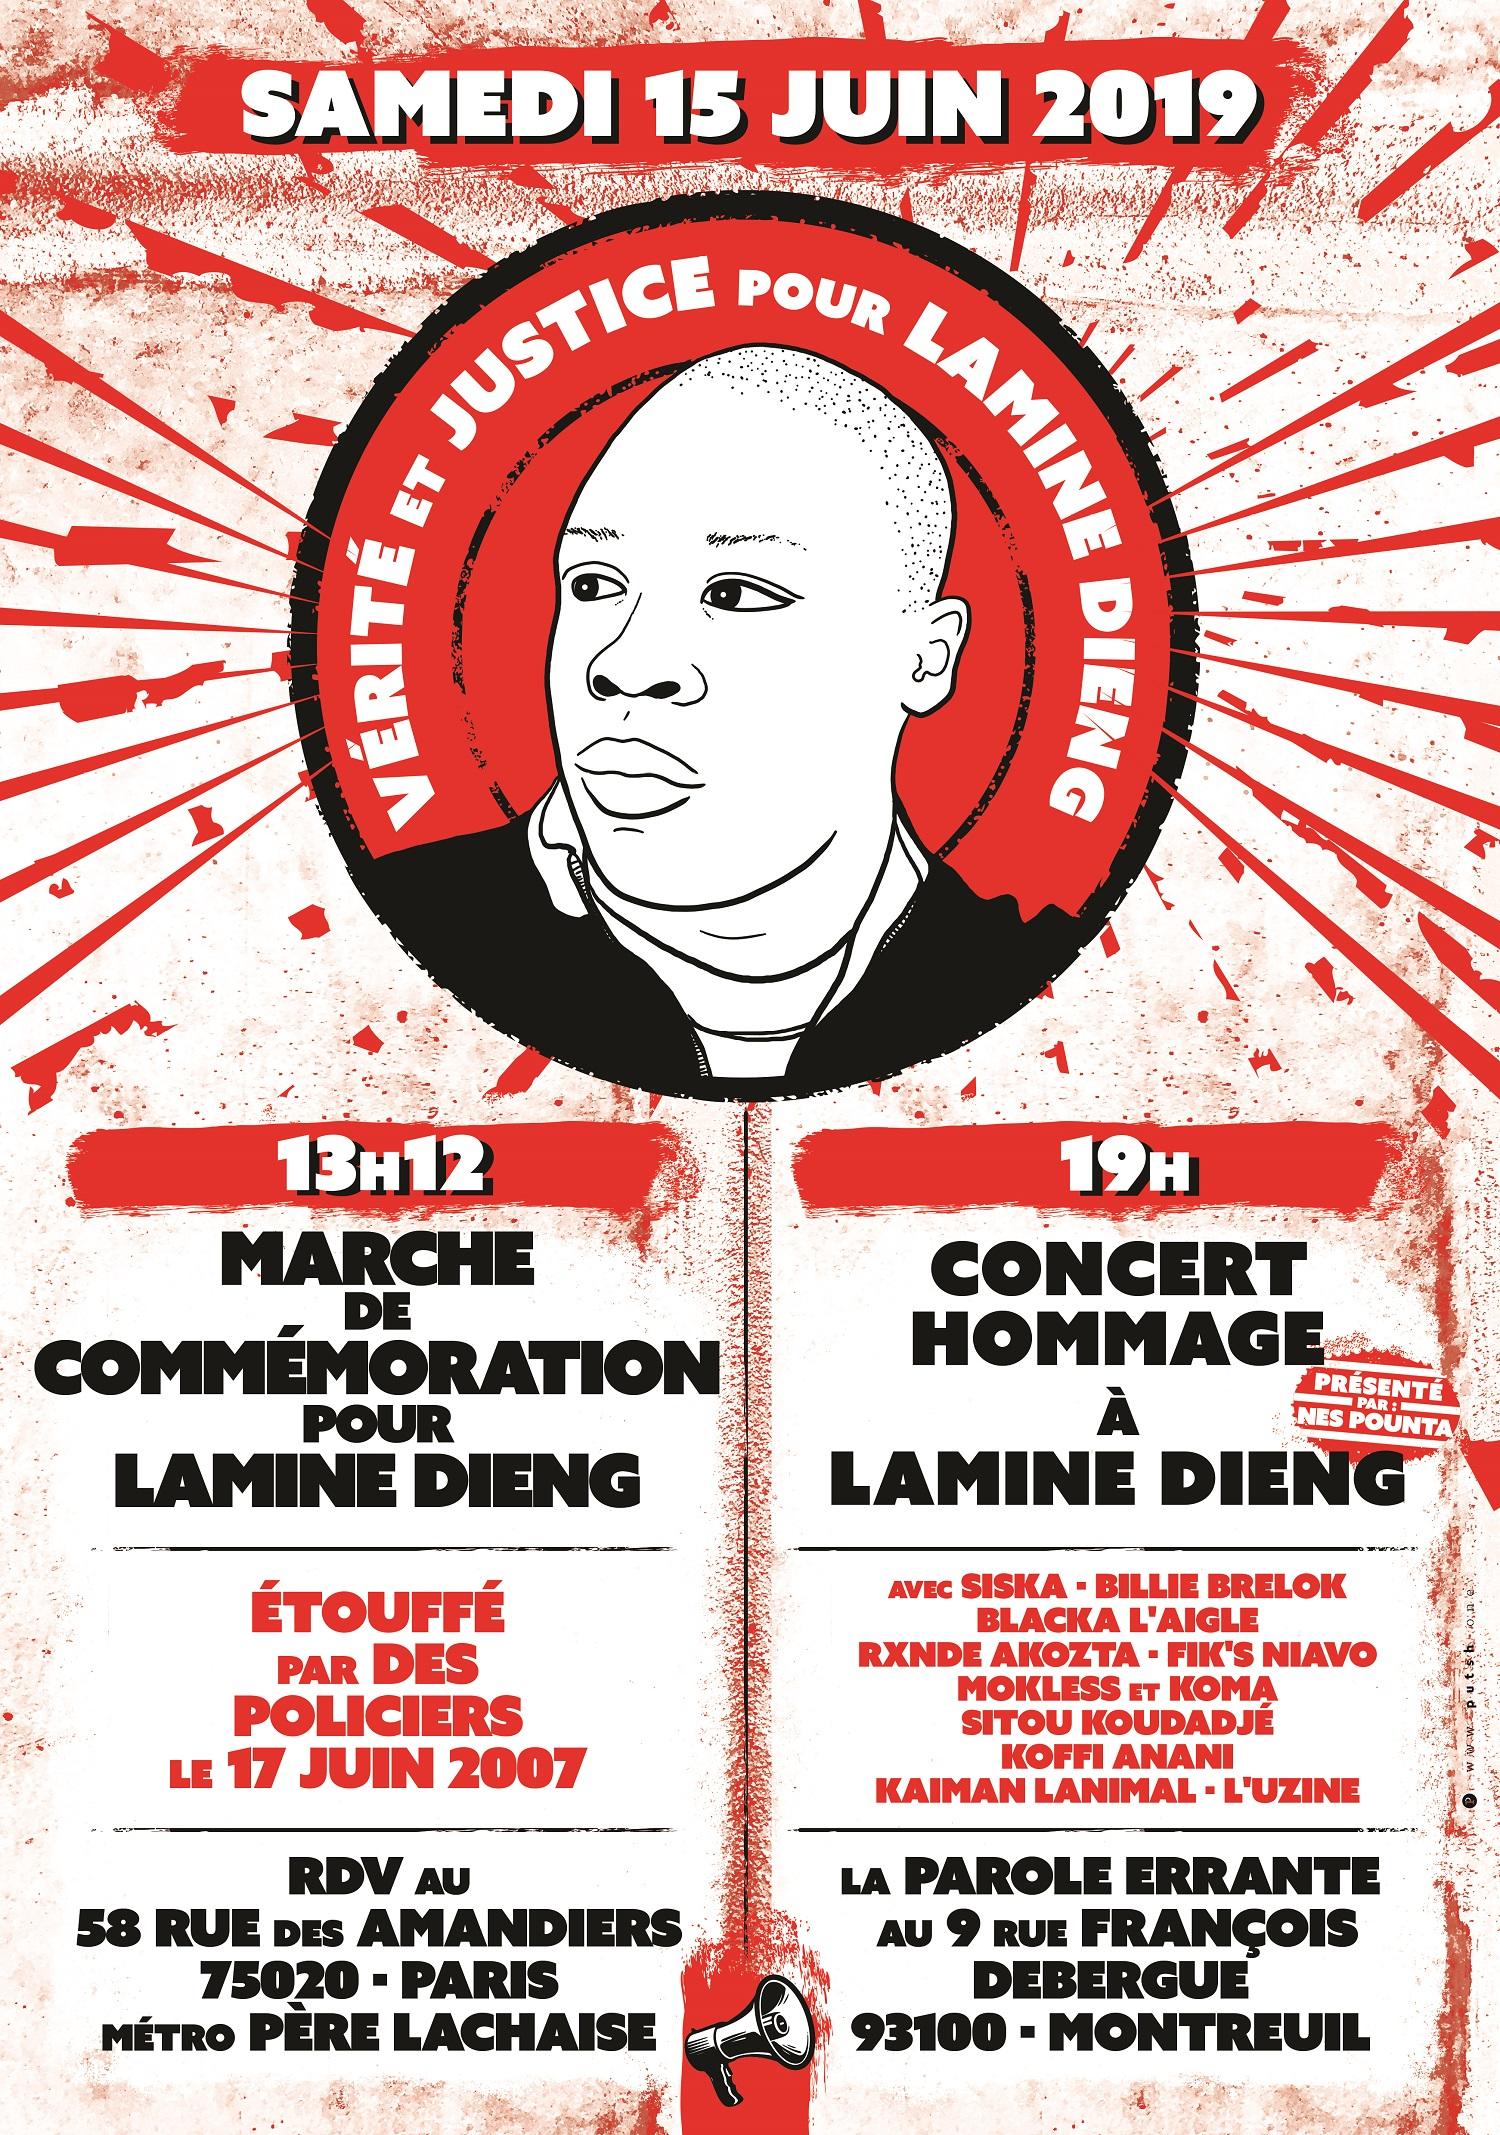 """Marche de commémoration et concert """"Hommage à Lamine Dieng"""" le 15 juin 2019"""